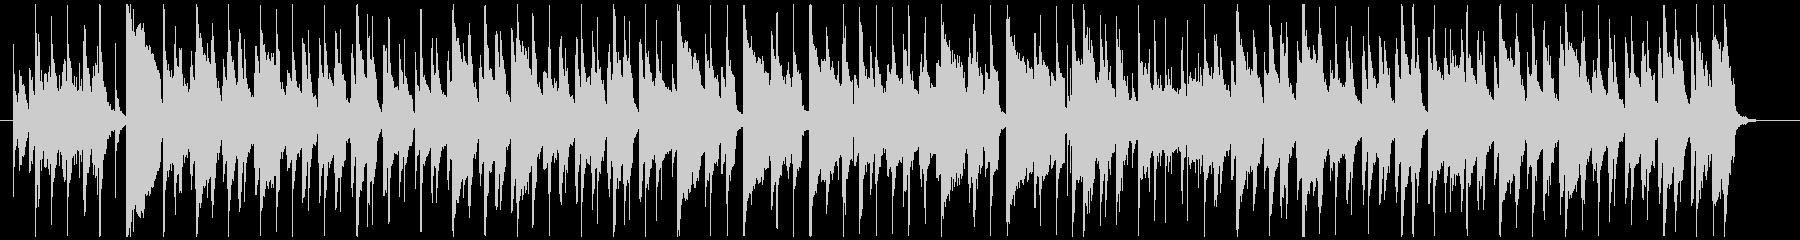 のんびりウキウキ、ラグタイムピアノの未再生の波形